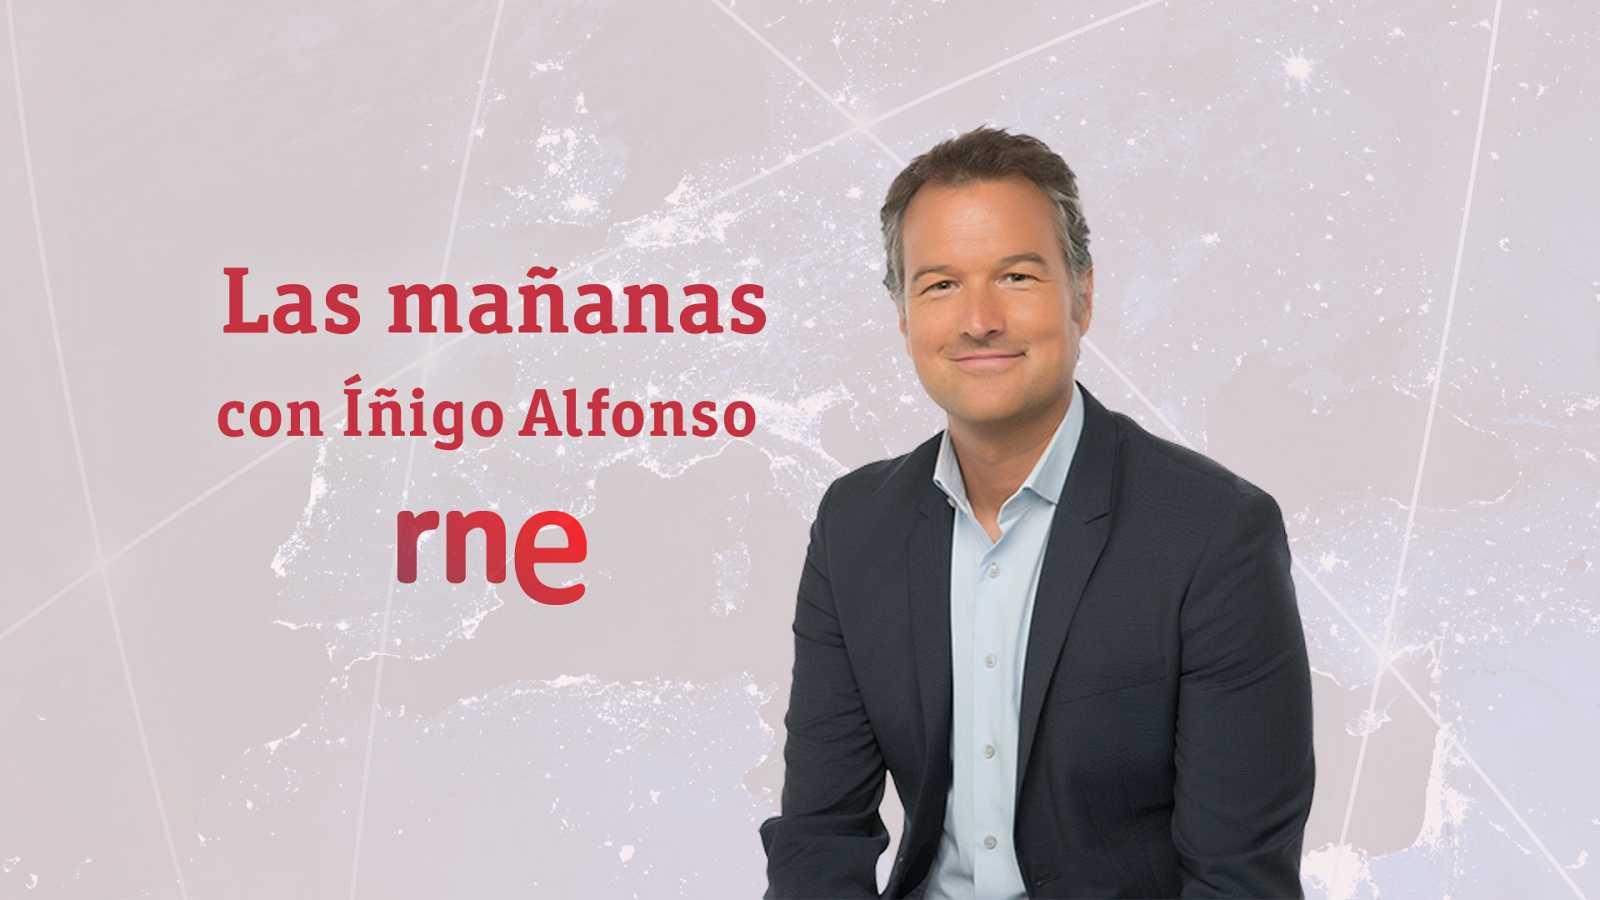 Las mañanas de RNE con Íñigo Alfonso - Segunda hora - 26/05/20 - Escuchar ahora